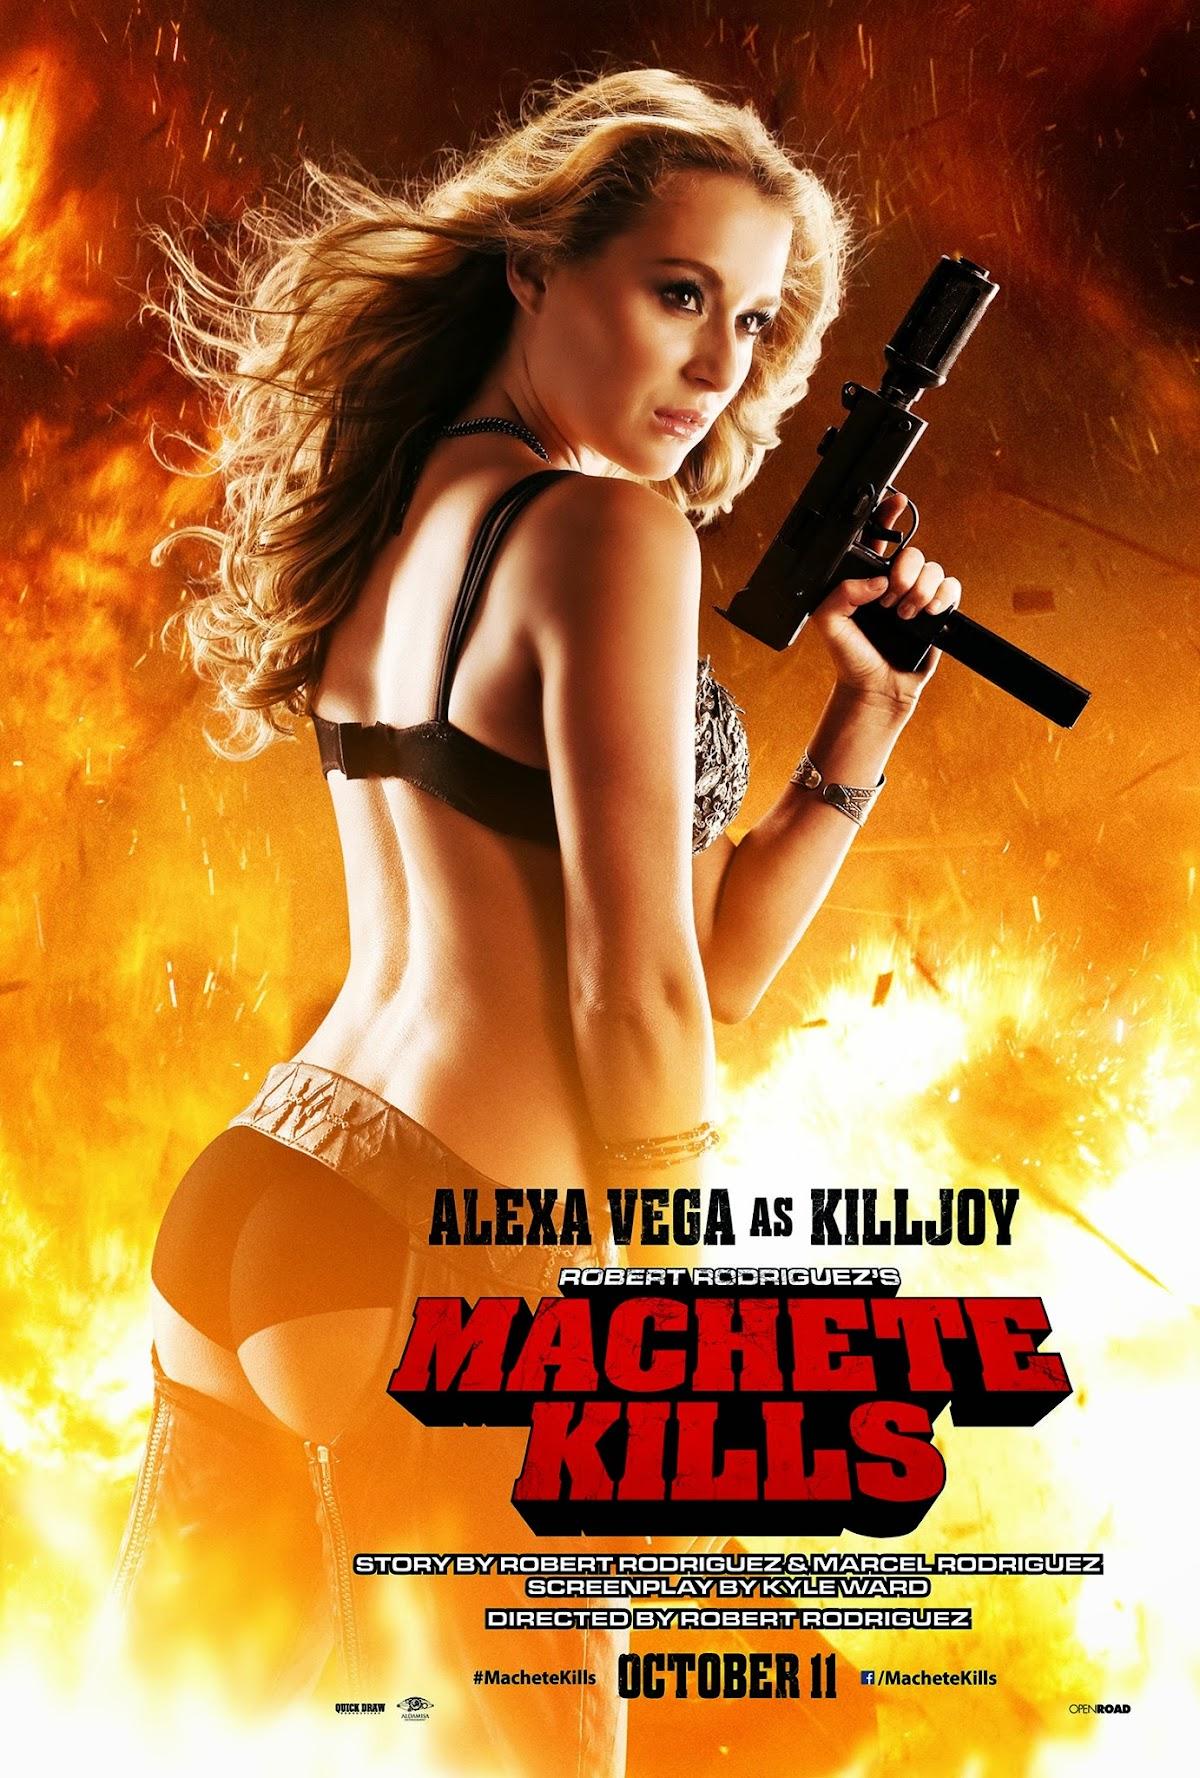 http://1.bp.blogspot.com/-tv5IECwB1tg/Uk8cFZyZU7I/AAAAAAAAQYc/-1uQWNZTN5k/s1778/Machete_Kills_Individual_Killjoy_JPosters.jpg